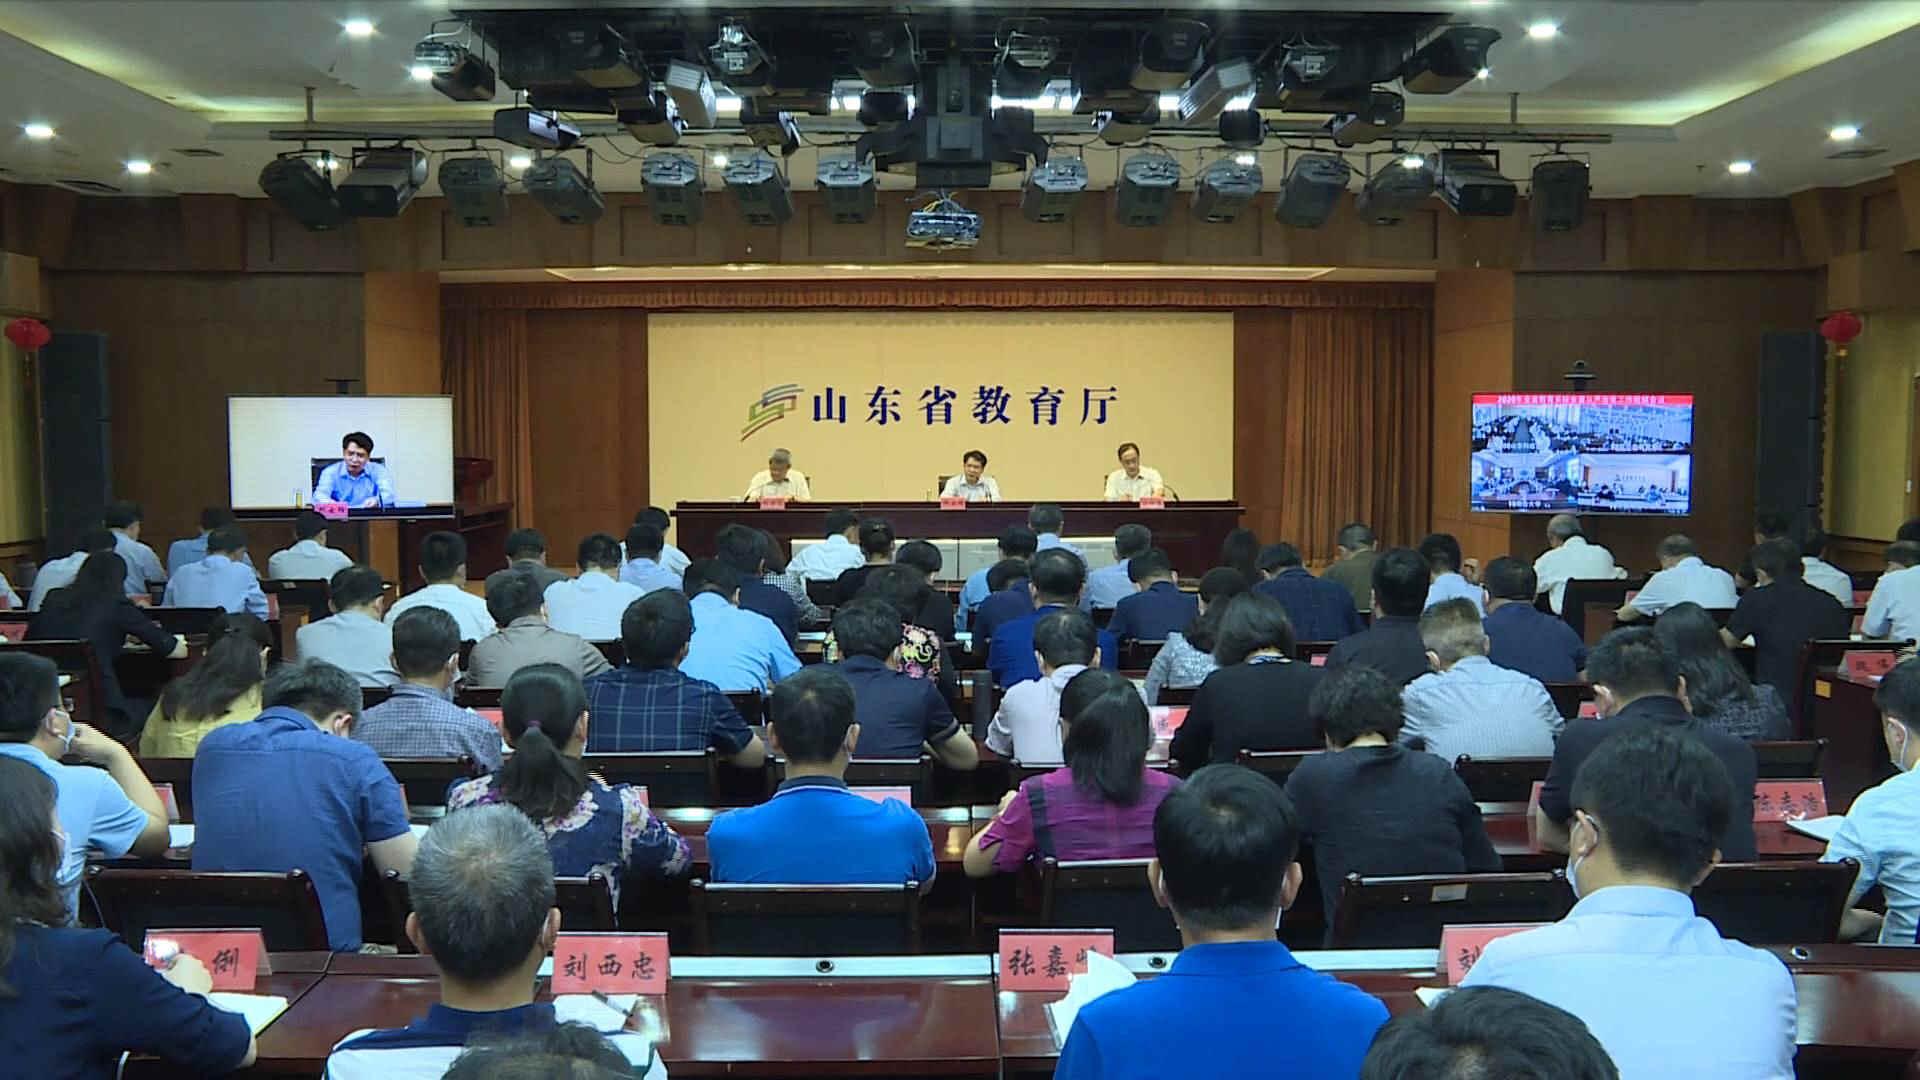 全省教育系统全面从严治党工作视频会议召开《山东教育周刊》20200531播出